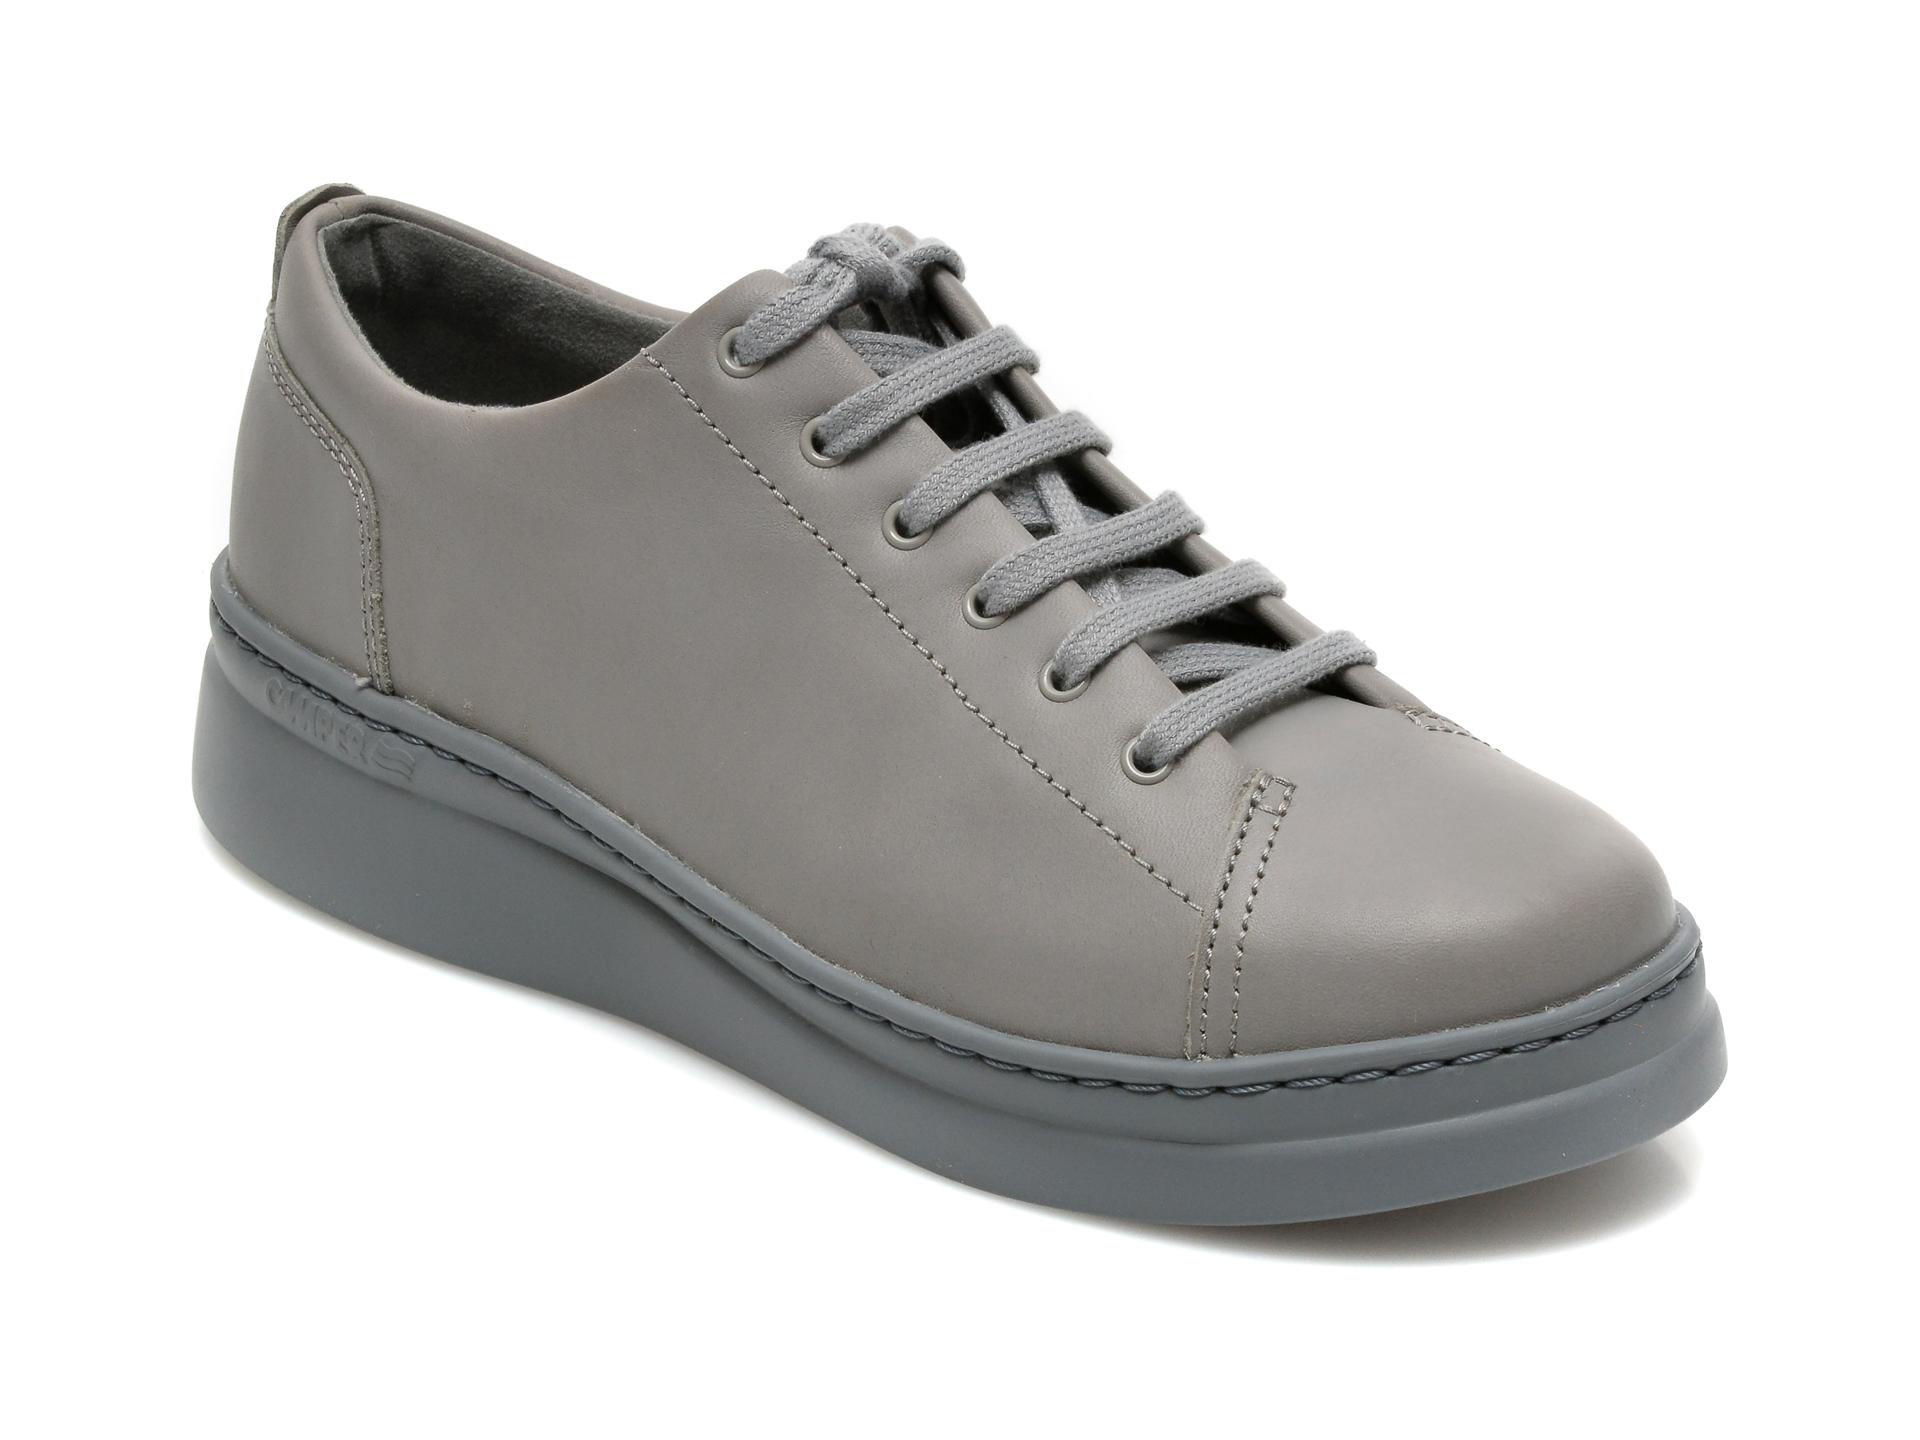 Pantofi Camper Gri, K200645, Din Piele Naturala